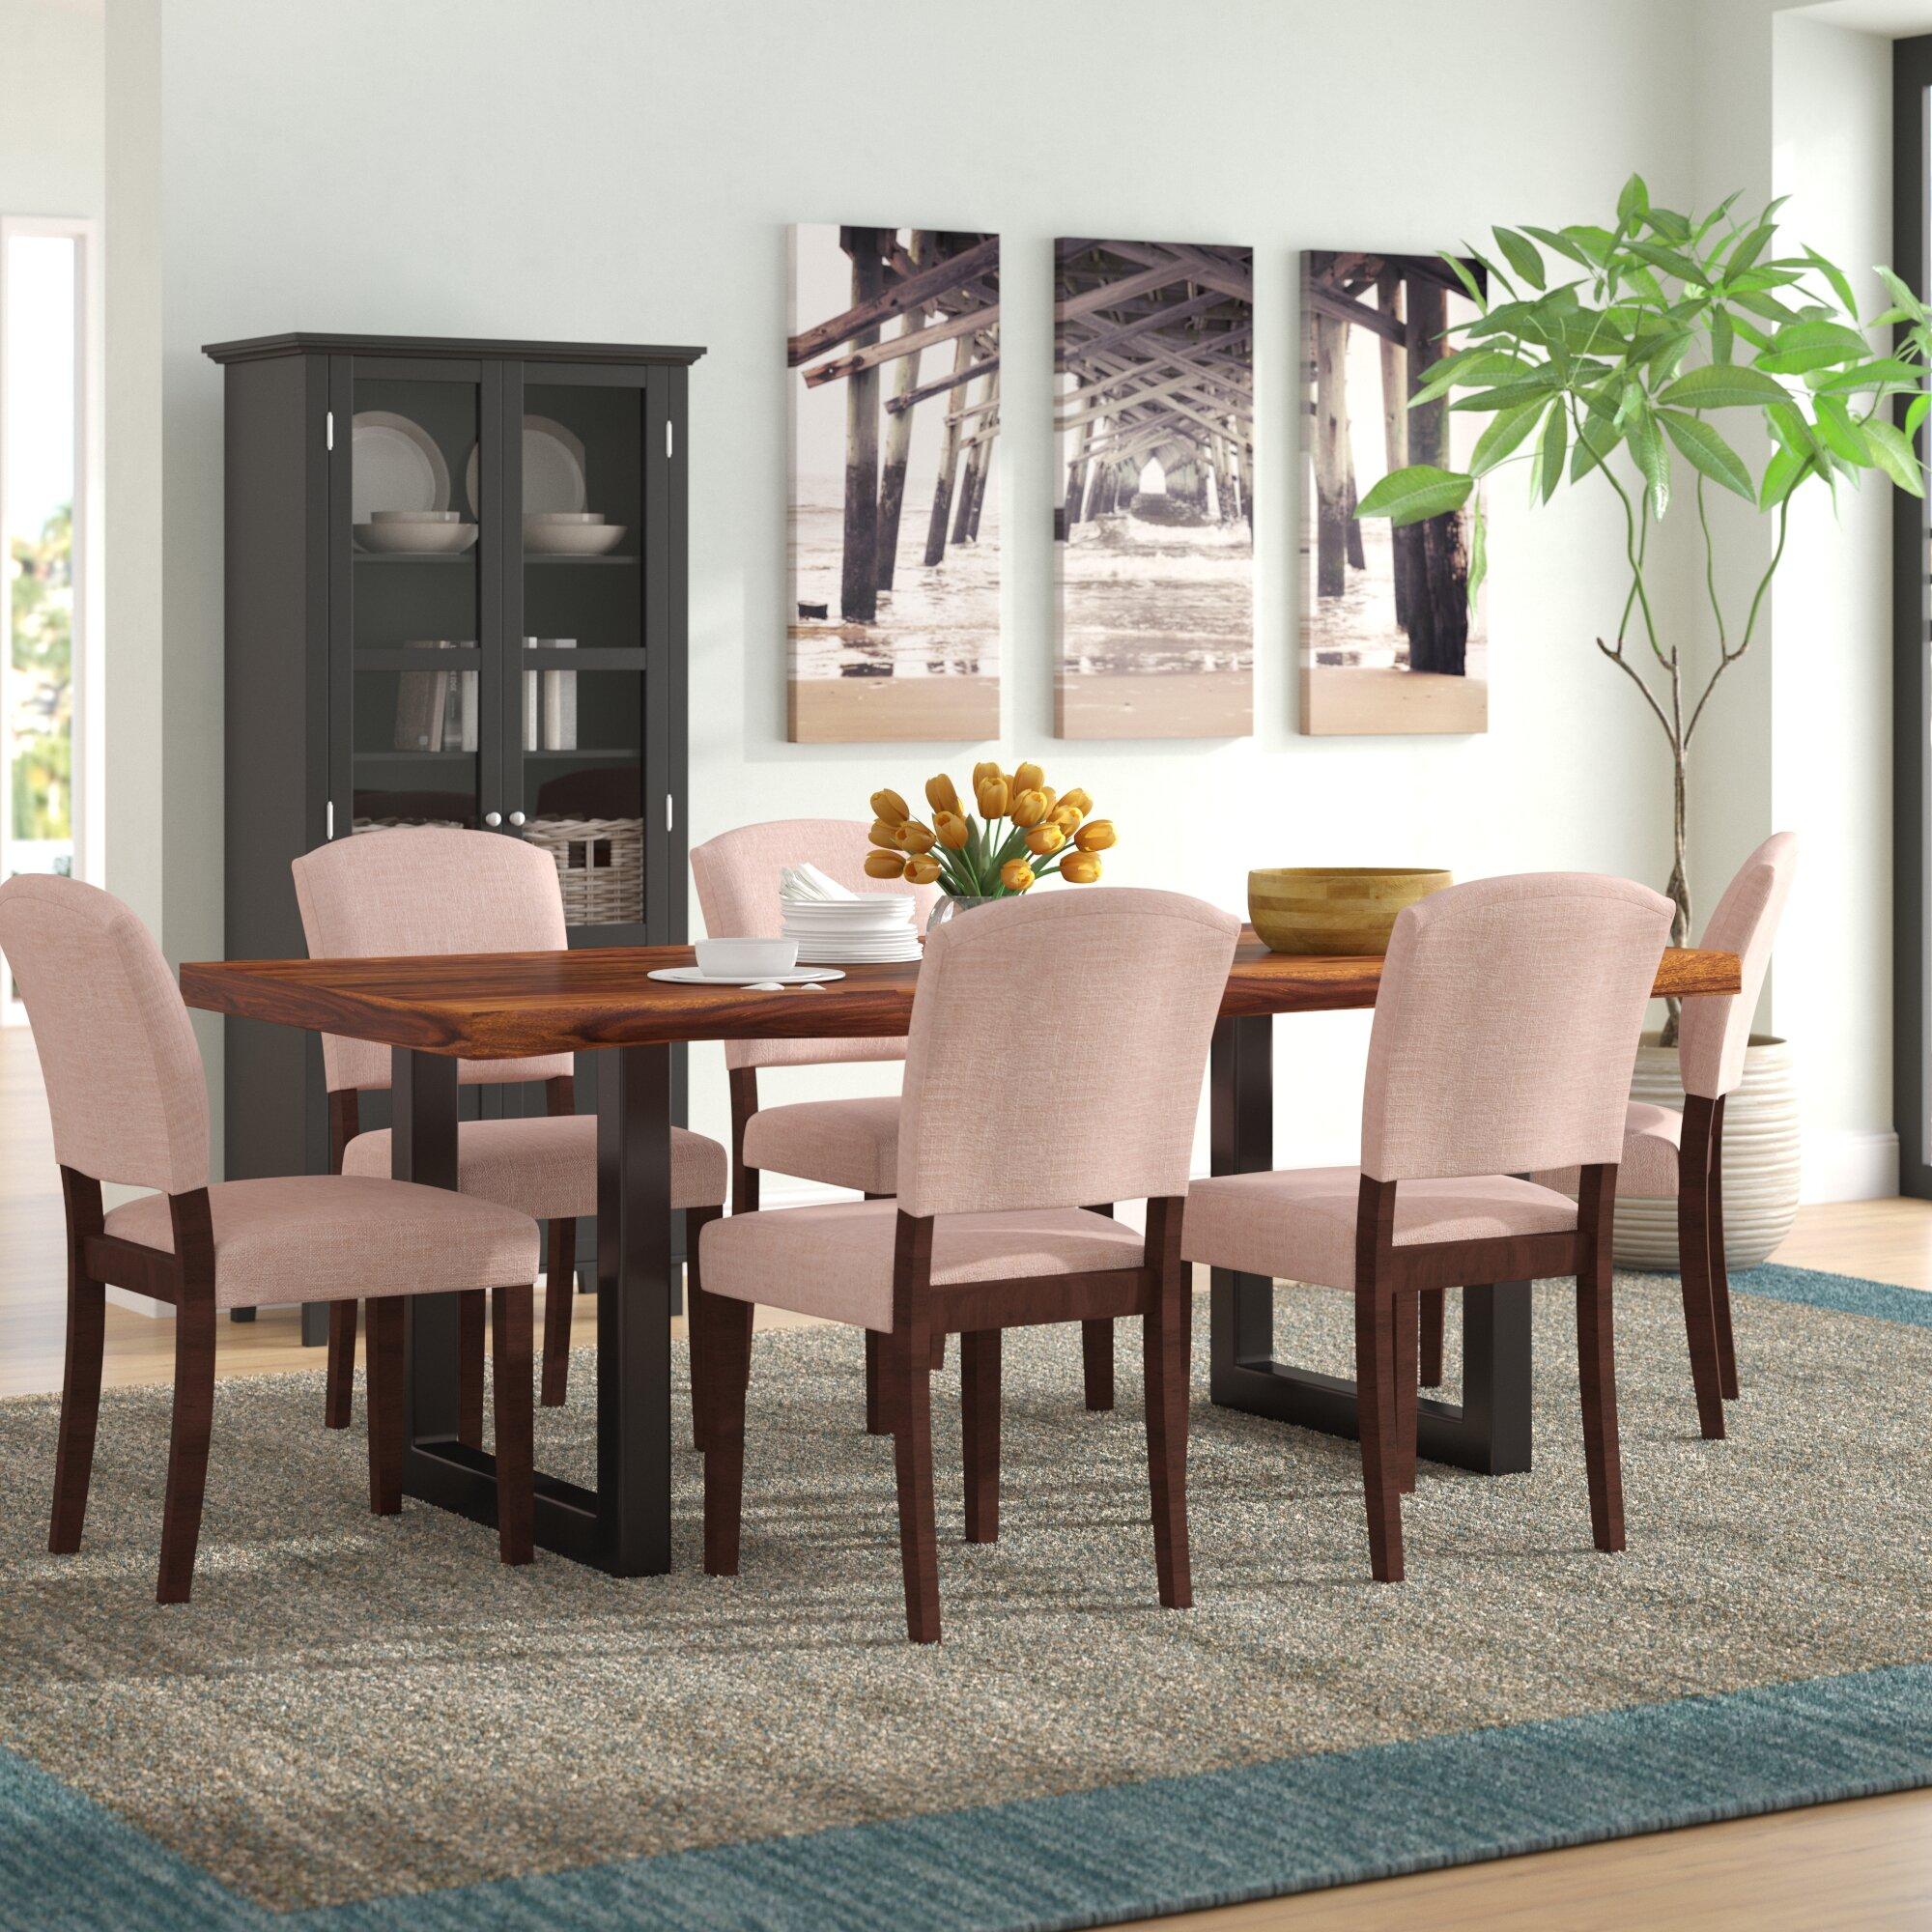 Mistana Lonan 7 Piece Dining Set Reviews Wayfair